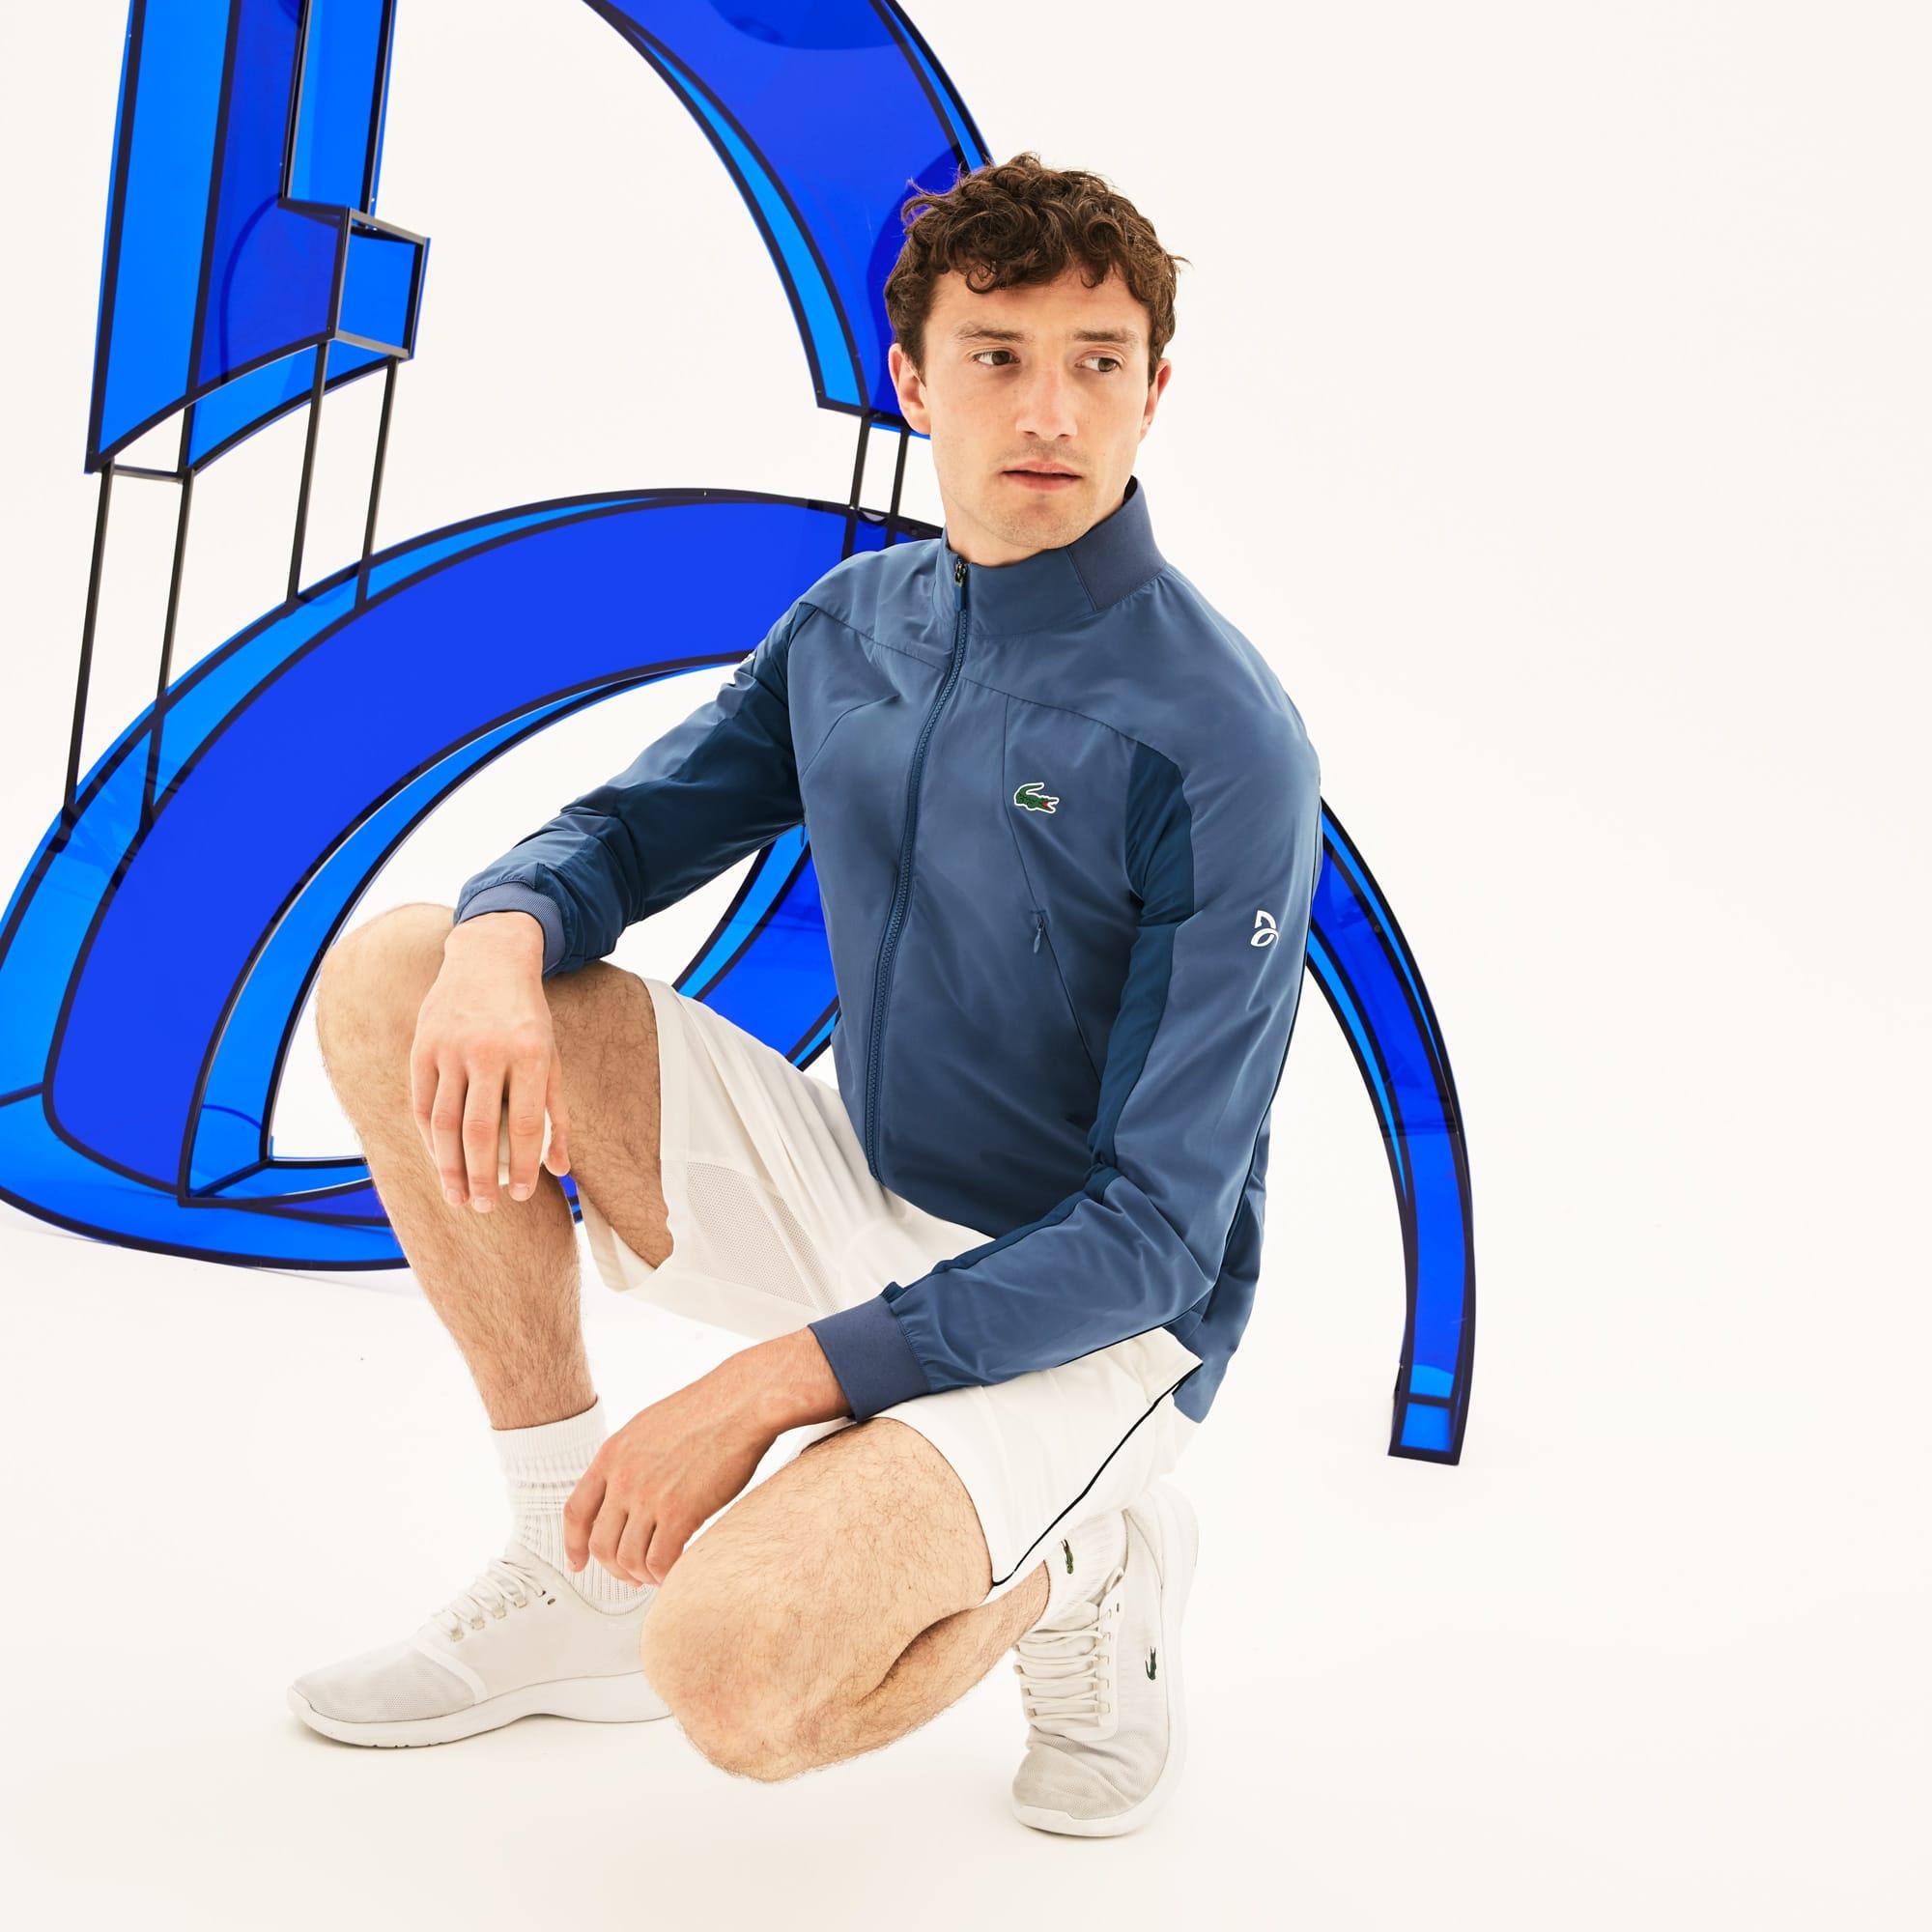 Casaco de gola subida Lacoste SPORT coleção Novak Djokovic Support With Style - Off Court em tafetá